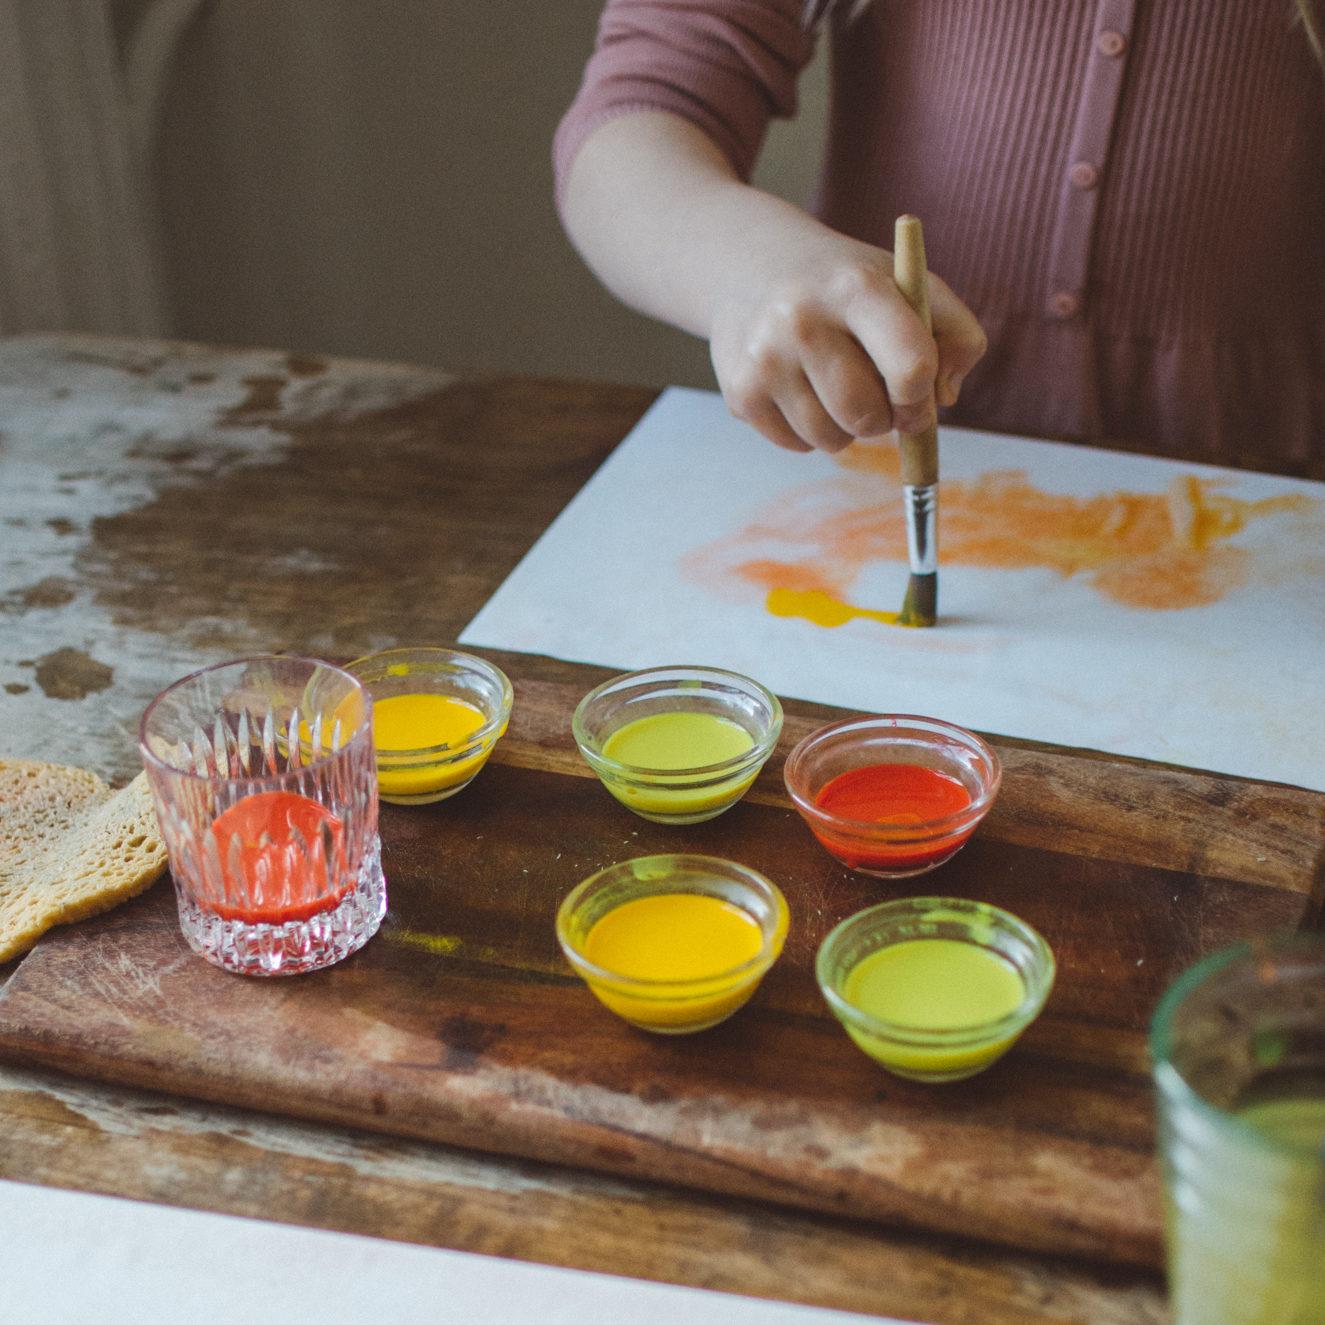 Stockmar Aquarellfarben, Zeit statt Zeug schenken Adventskalender